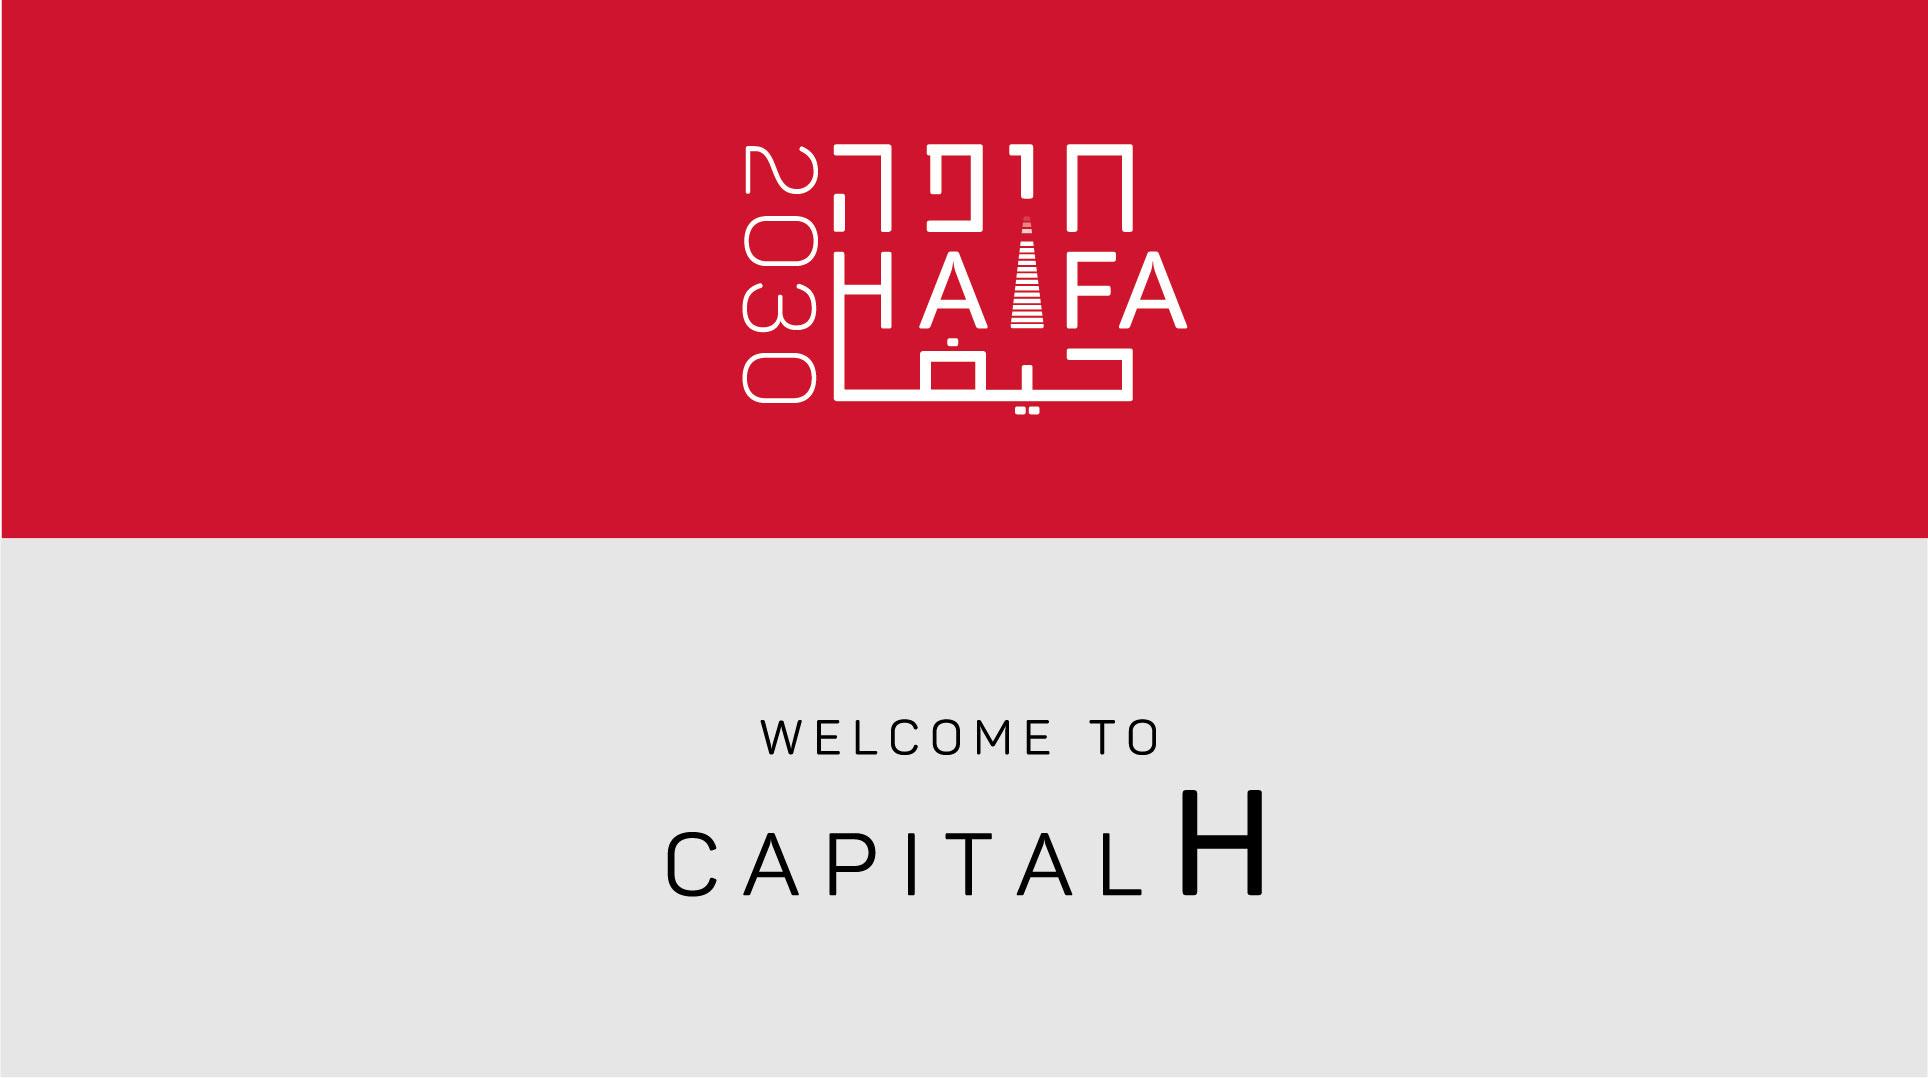 Haifa branding design notfromhere